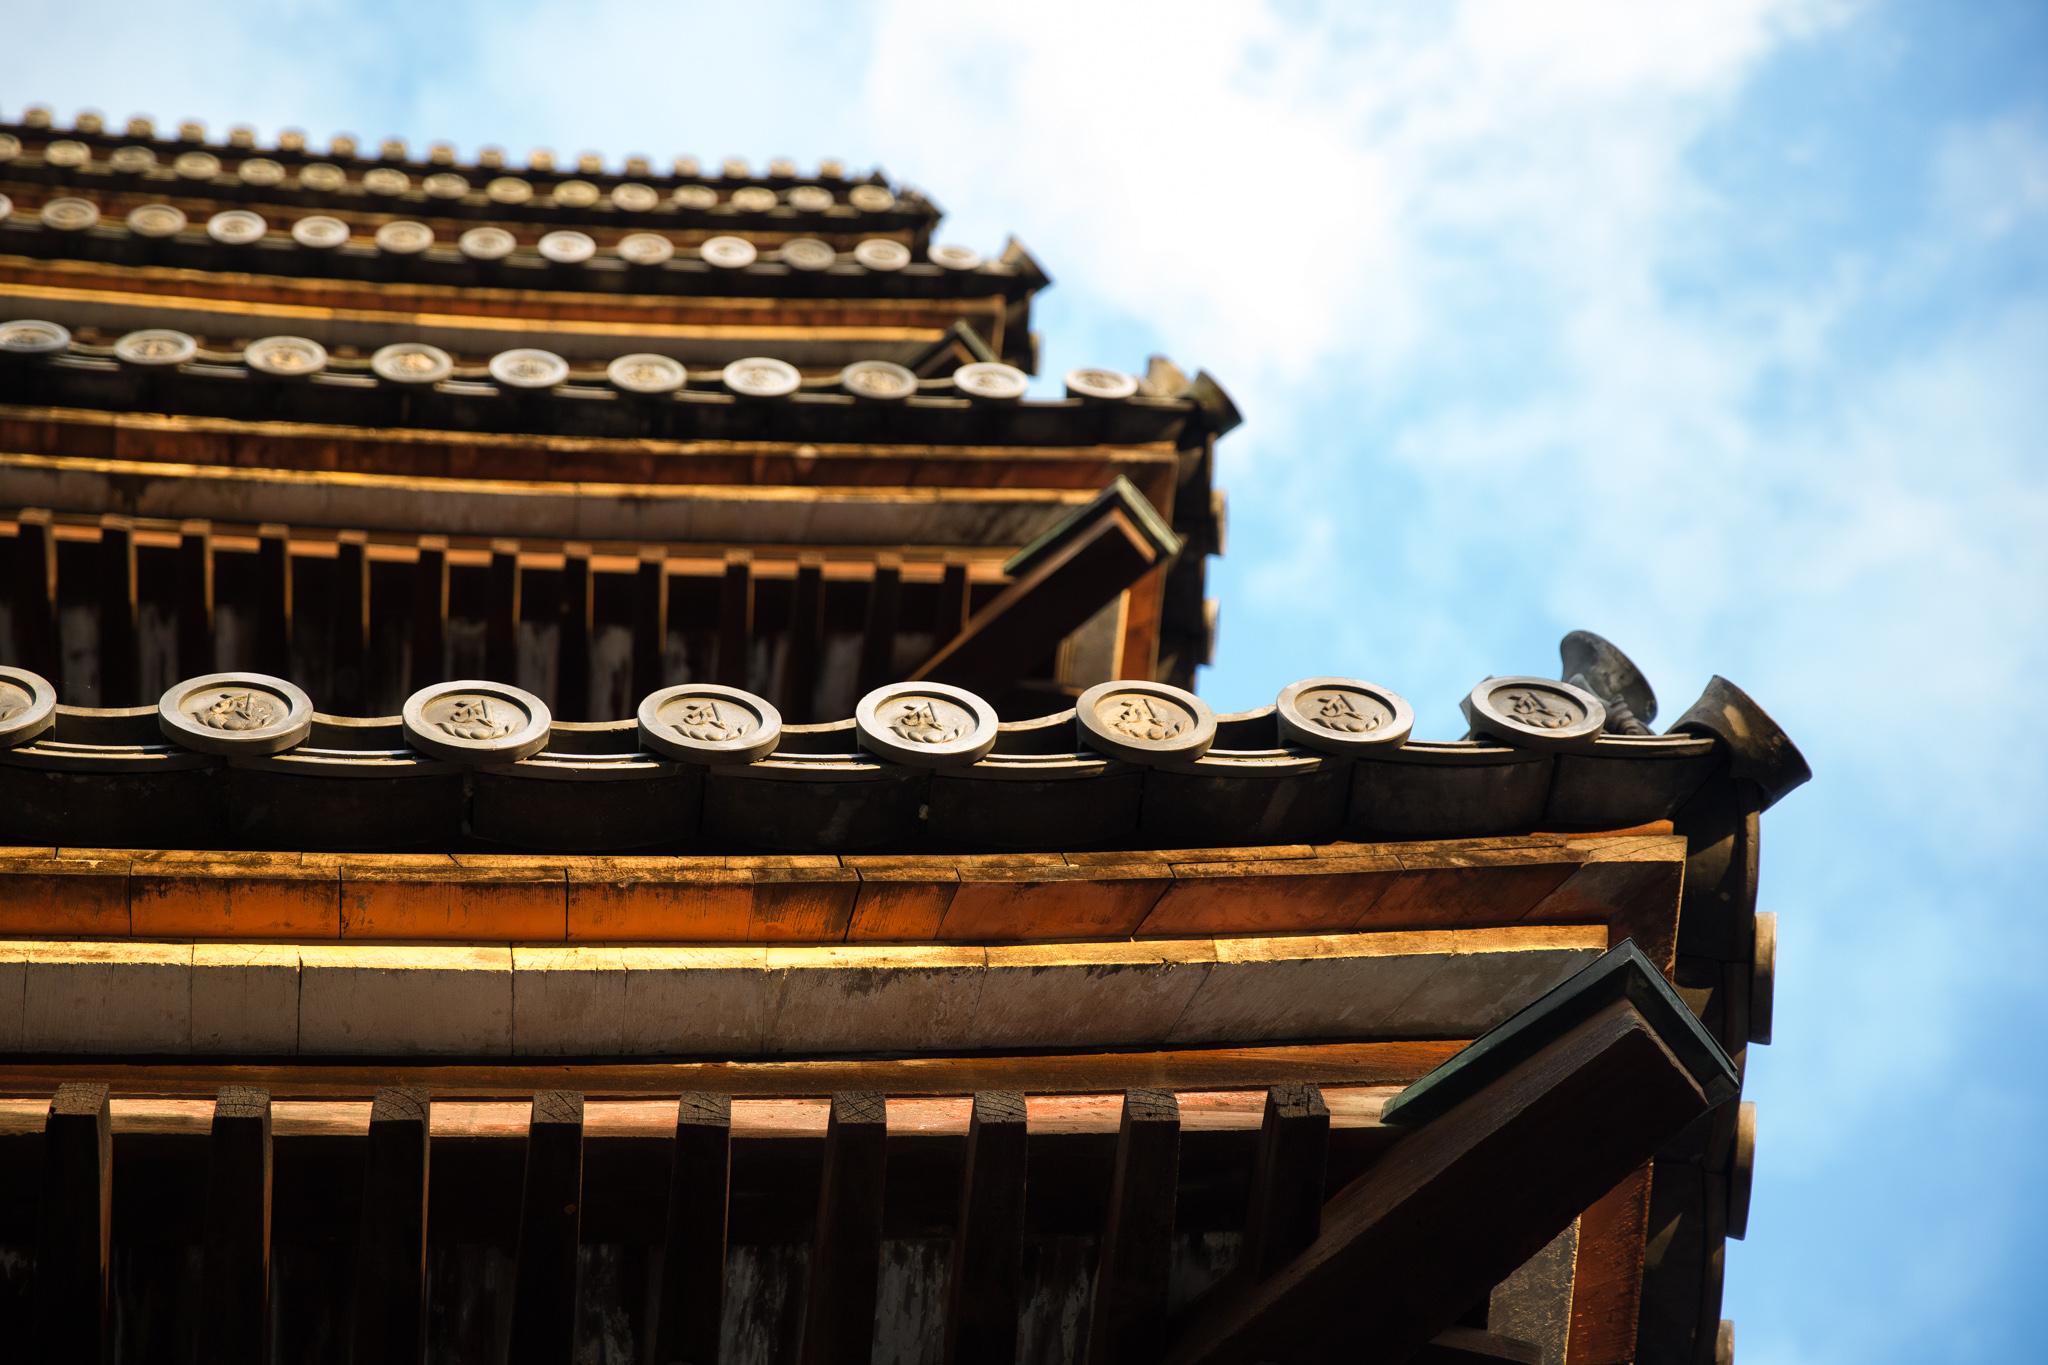 4726-japan-urban-orange-gate.jpg